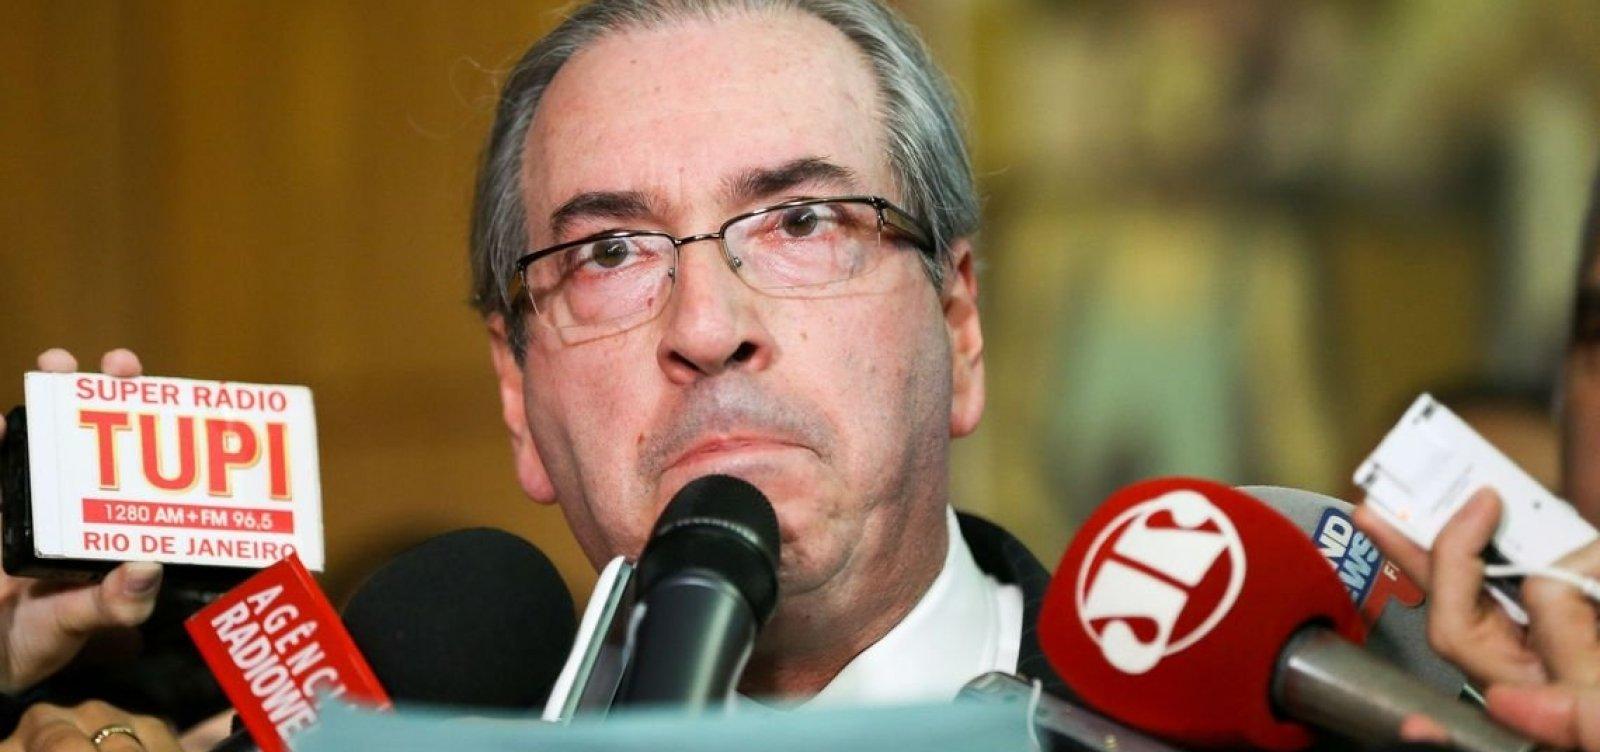 Cunha diz ter sido 'boi de piranha' da Lava Jato e critica tratamento dado a Temer